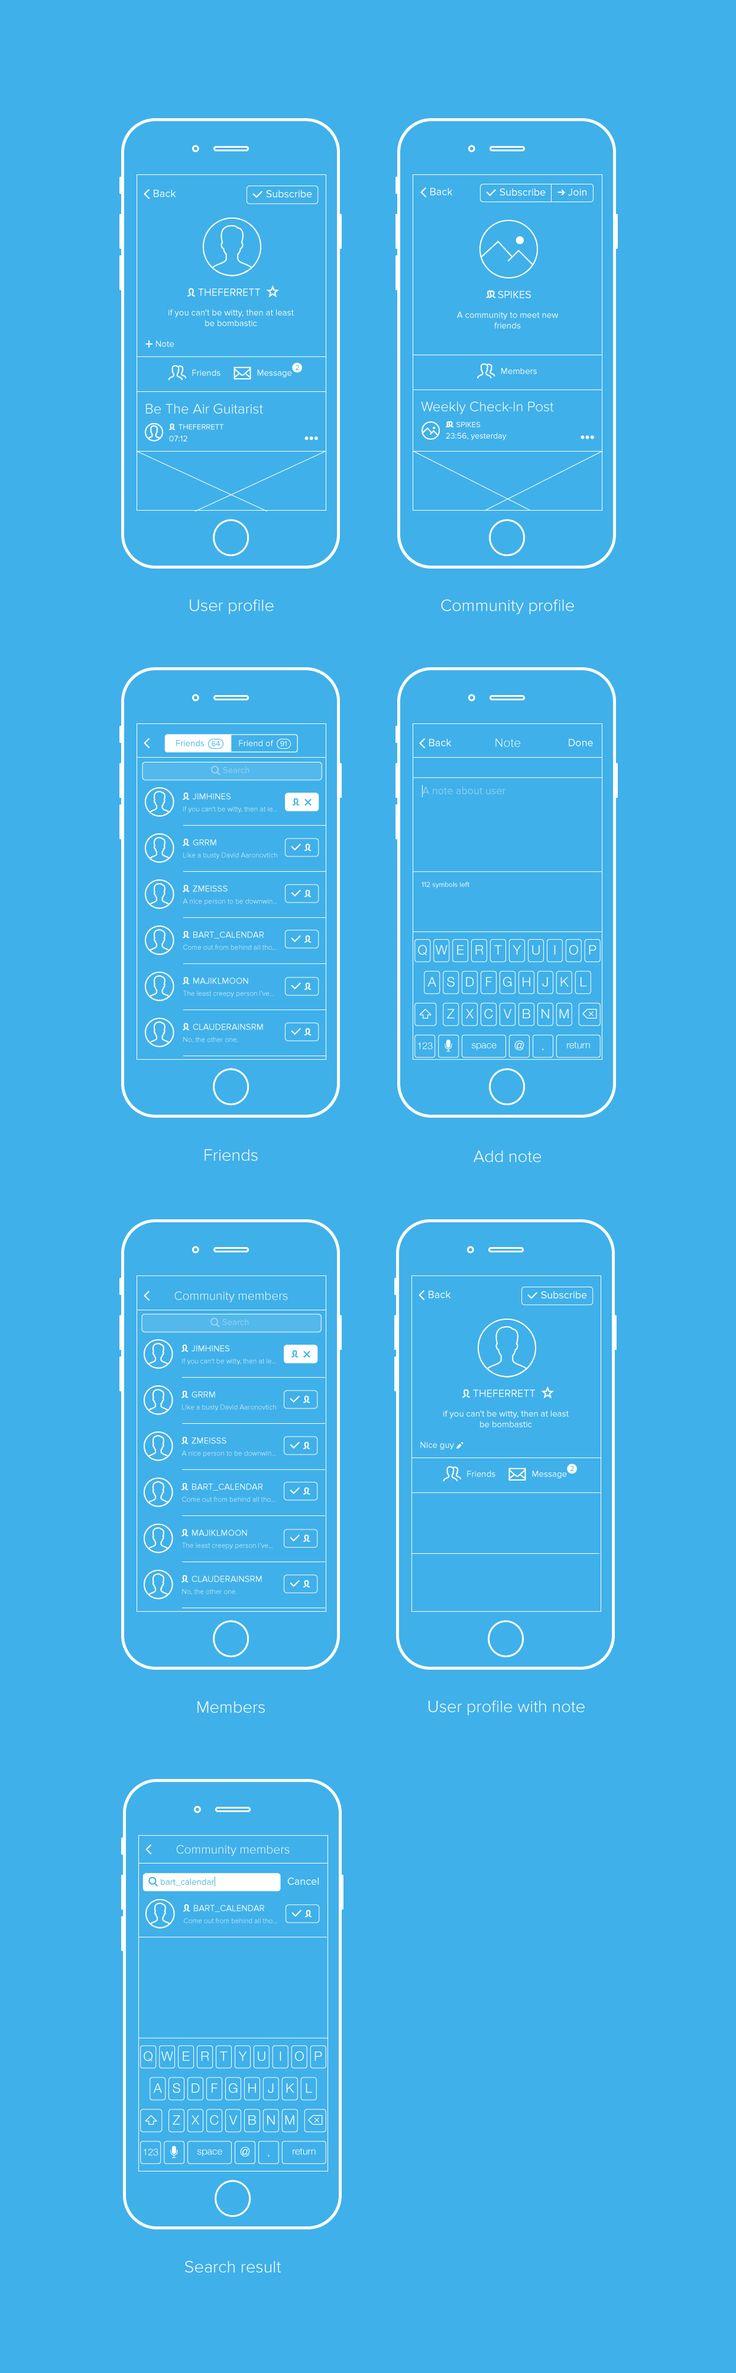 Profile blueprints